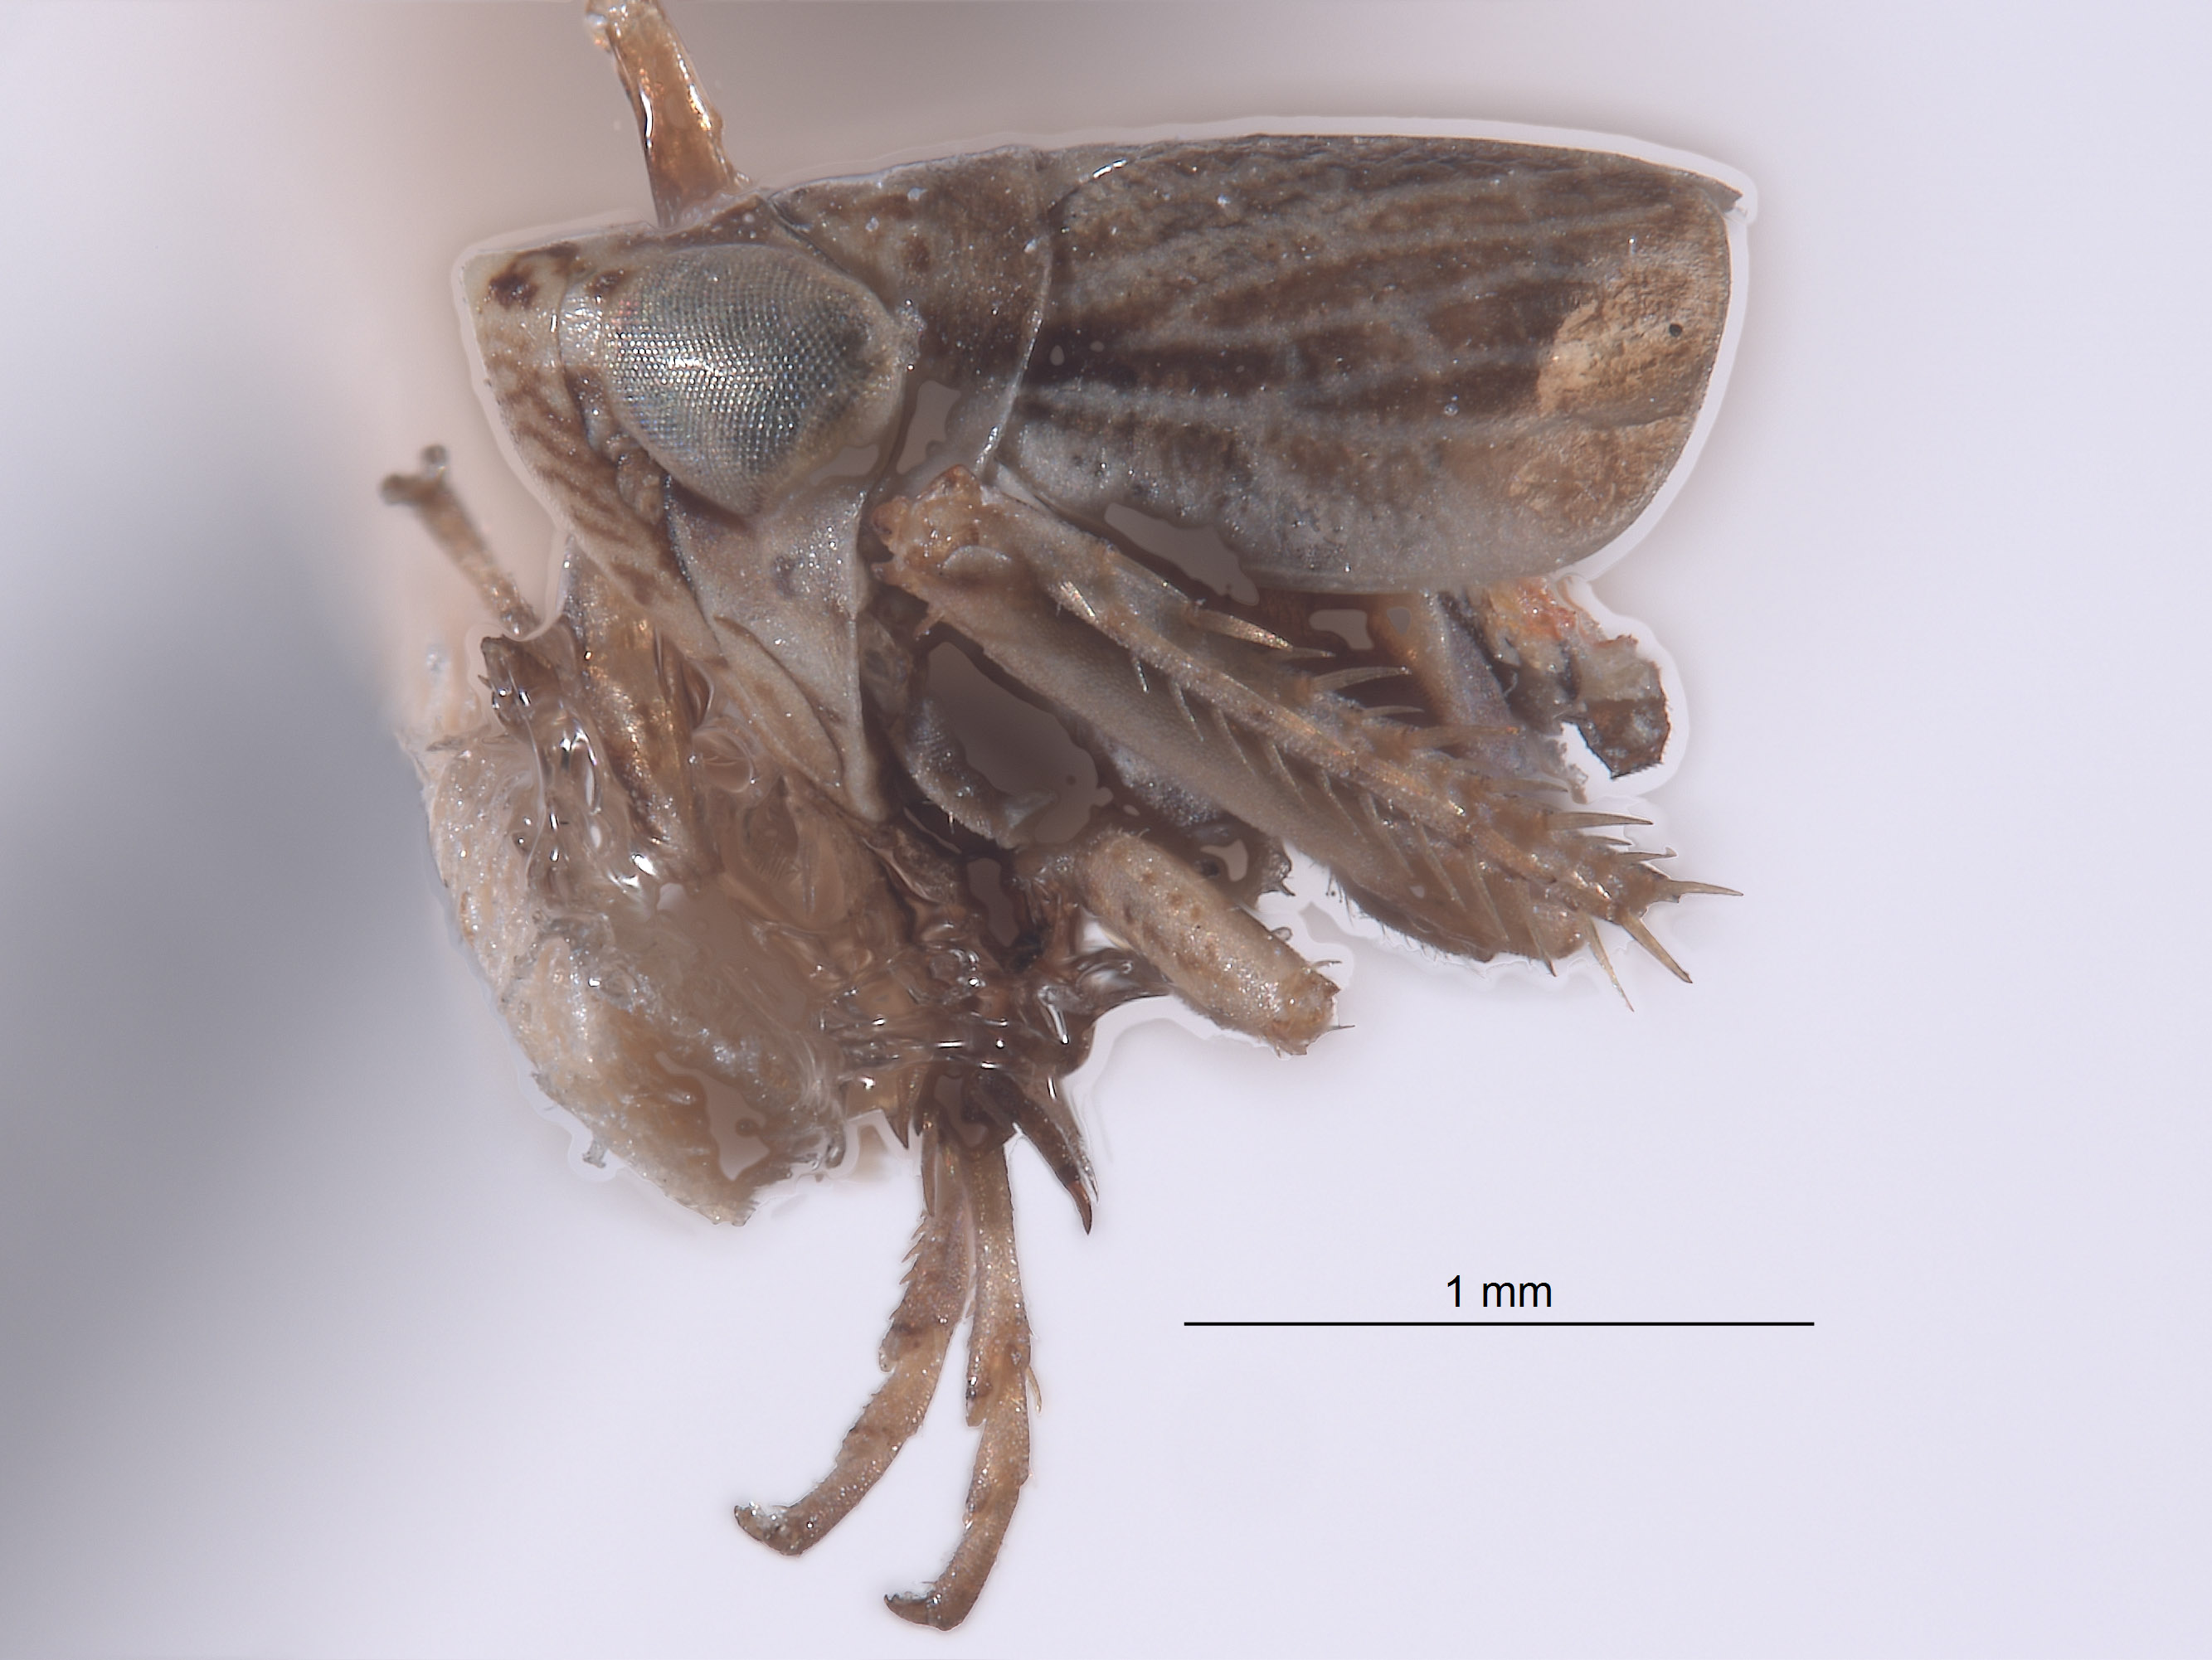 Athysanella vanesca image